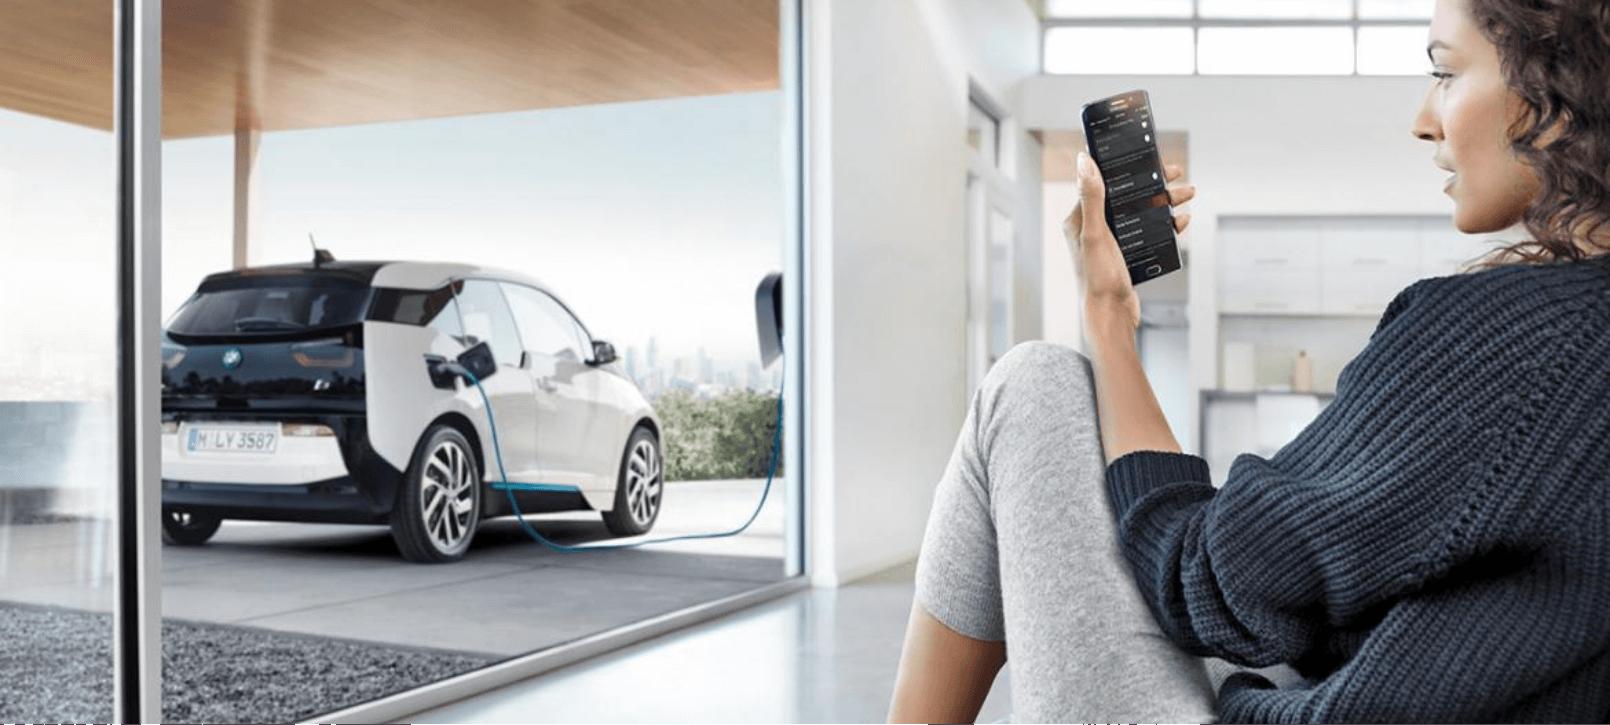 Afspraak BMW Lemmens - Lecouter